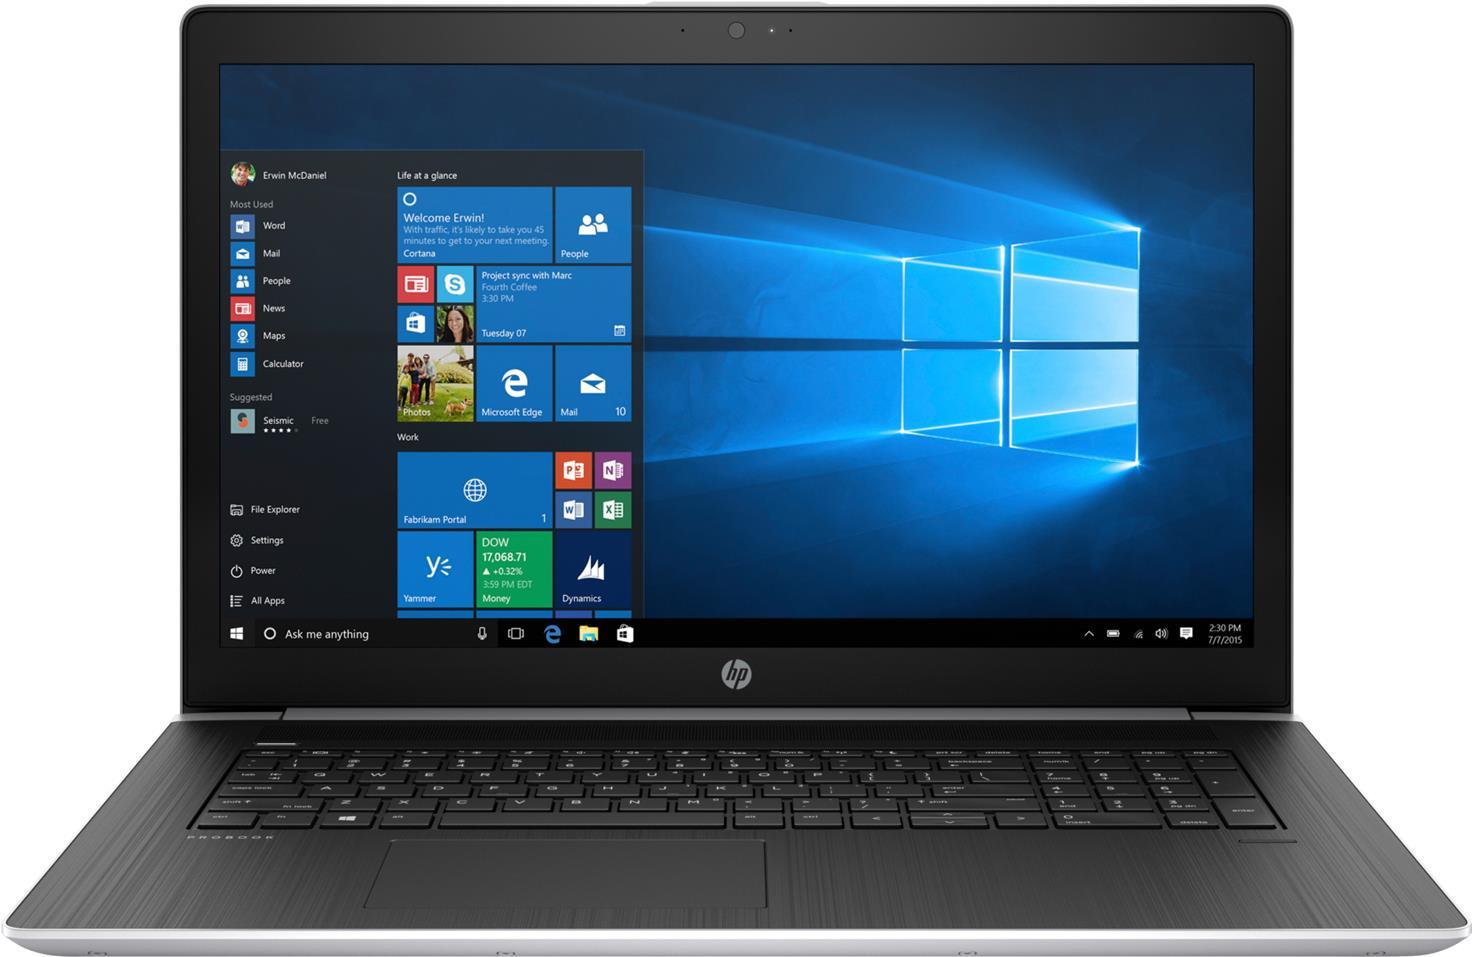 Notebooks, Laptops - HP Inc HP ProBook 470 G5 Core i5 8250U 1.6 GHz Win 10 Pro 64 Bit 8 GB RAM 256 GB SSD NVMe 43.9 cm (17.3) IPS 1920 x 1080 (Full HD) UHD Graphik 620 GF 930MX Wi Fi, Bluetooth kbd Deutsch (3KZ02EA ABD)  - Onlineshop JACOB Elektronik